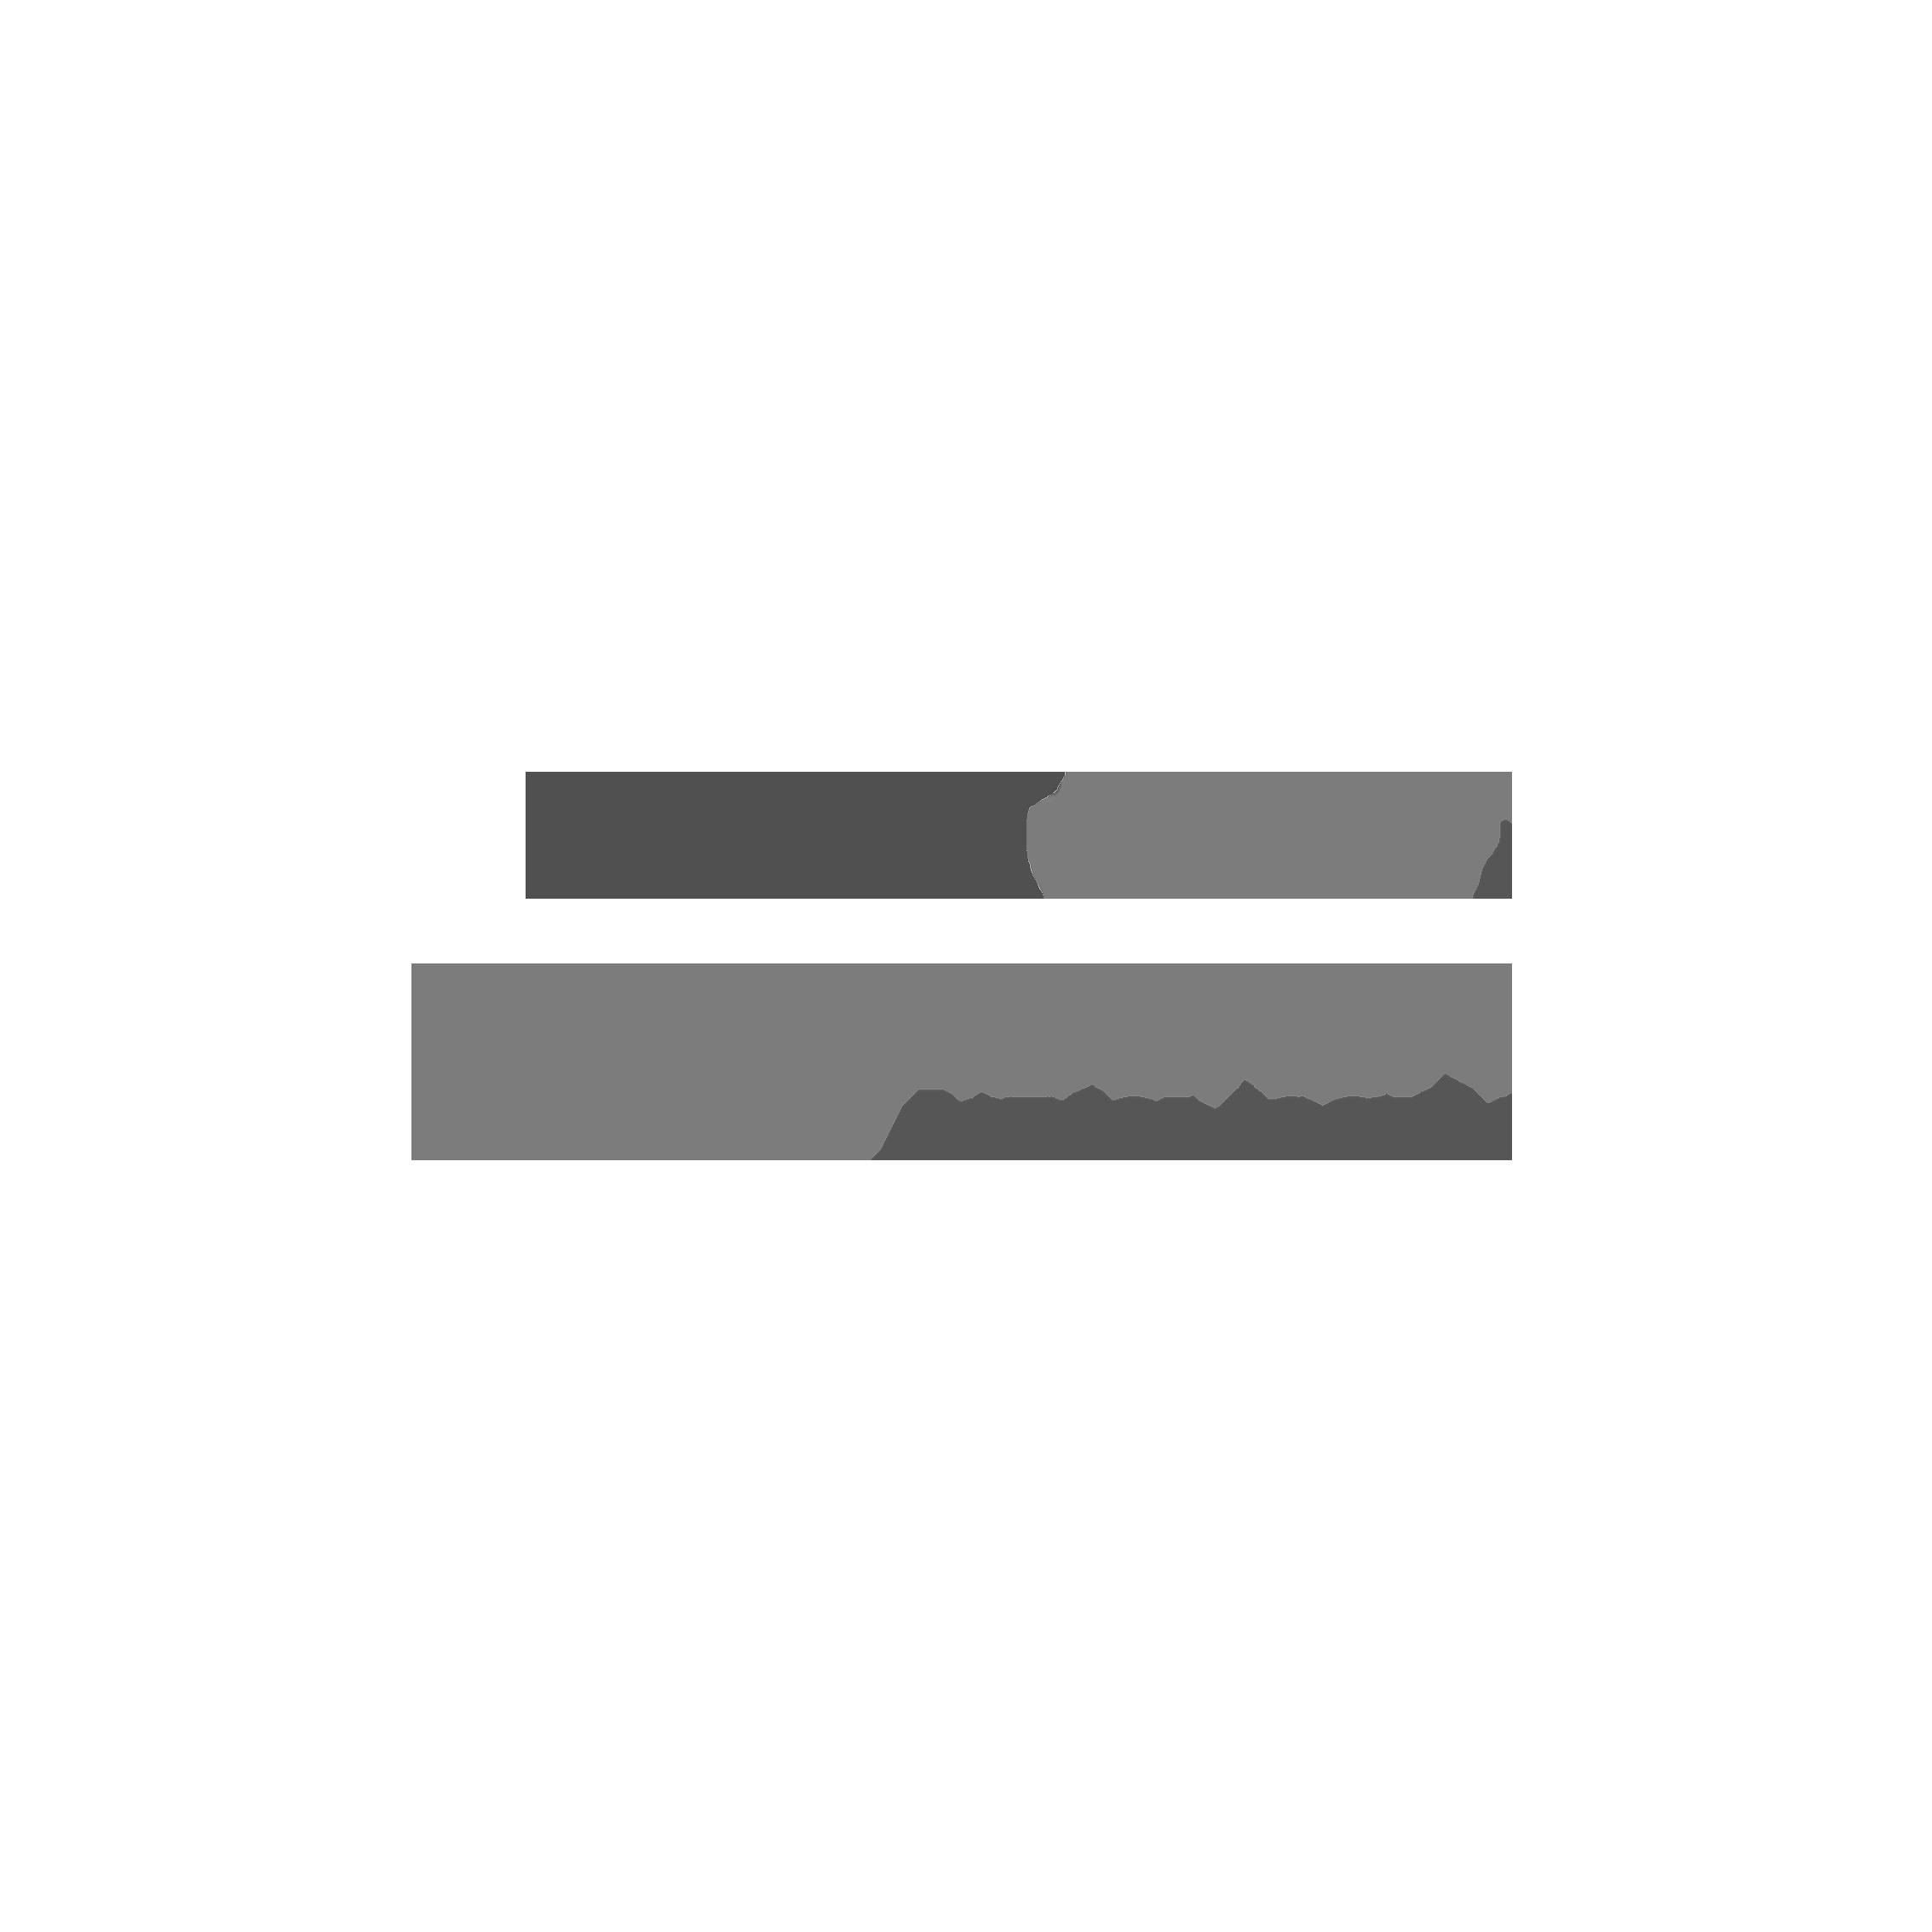 Partners-smartcitiesvlaanderen-BW.png